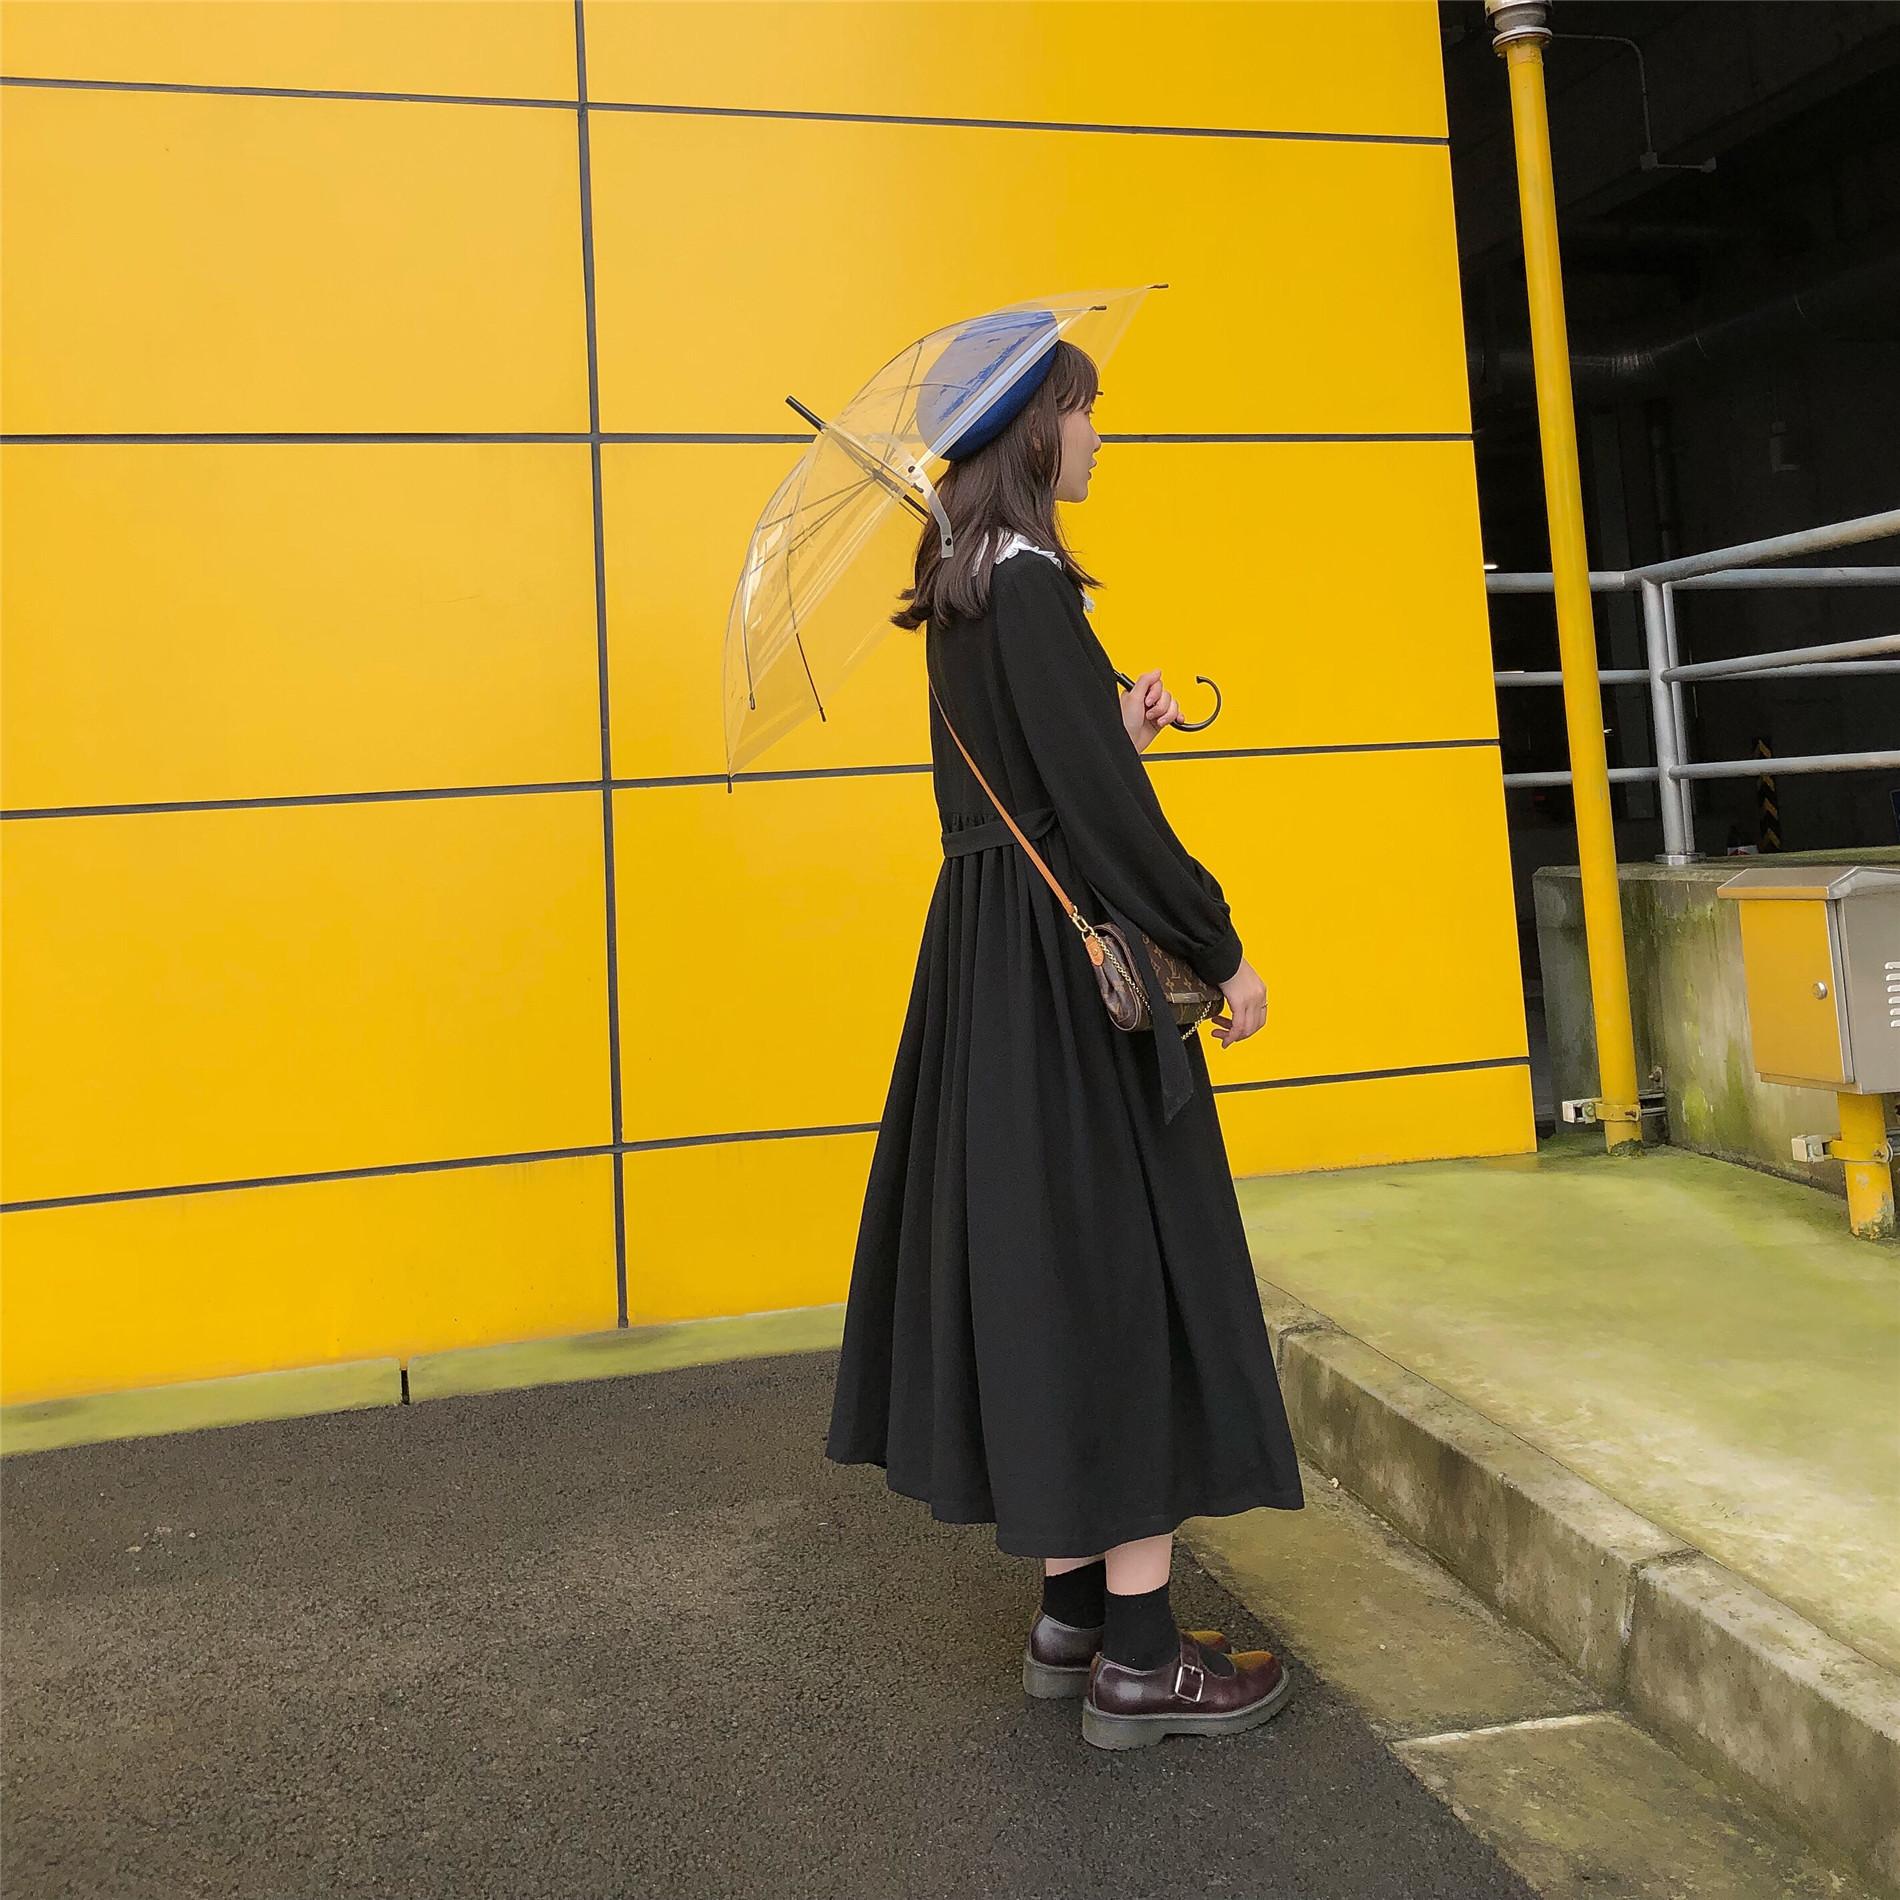 EGGSSHOP【8/10 домашнее】Удержание ~ осень-зима прогрессивный Тонкий шовный шнур винтаж Длинные и маленькие черный юбка